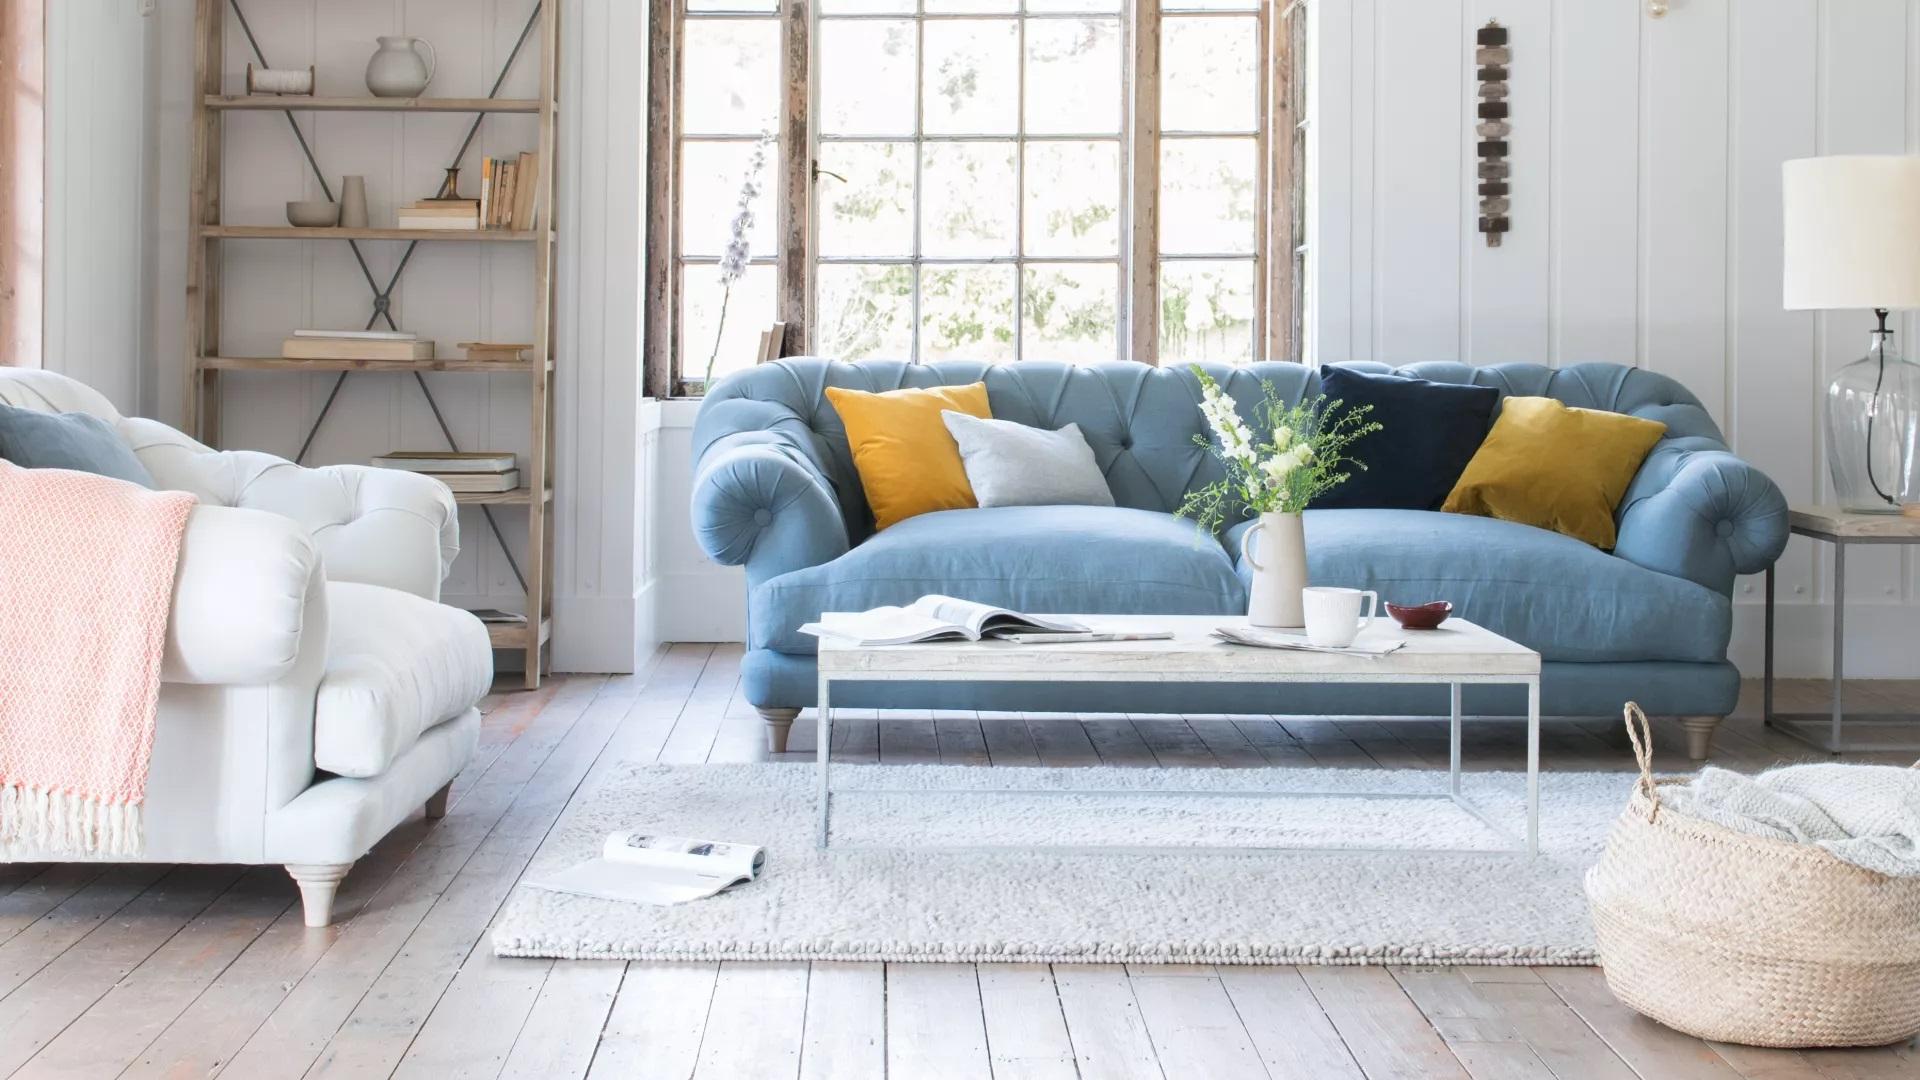 Comment choisir son canapé ? A quoi faut-il faire attention ?